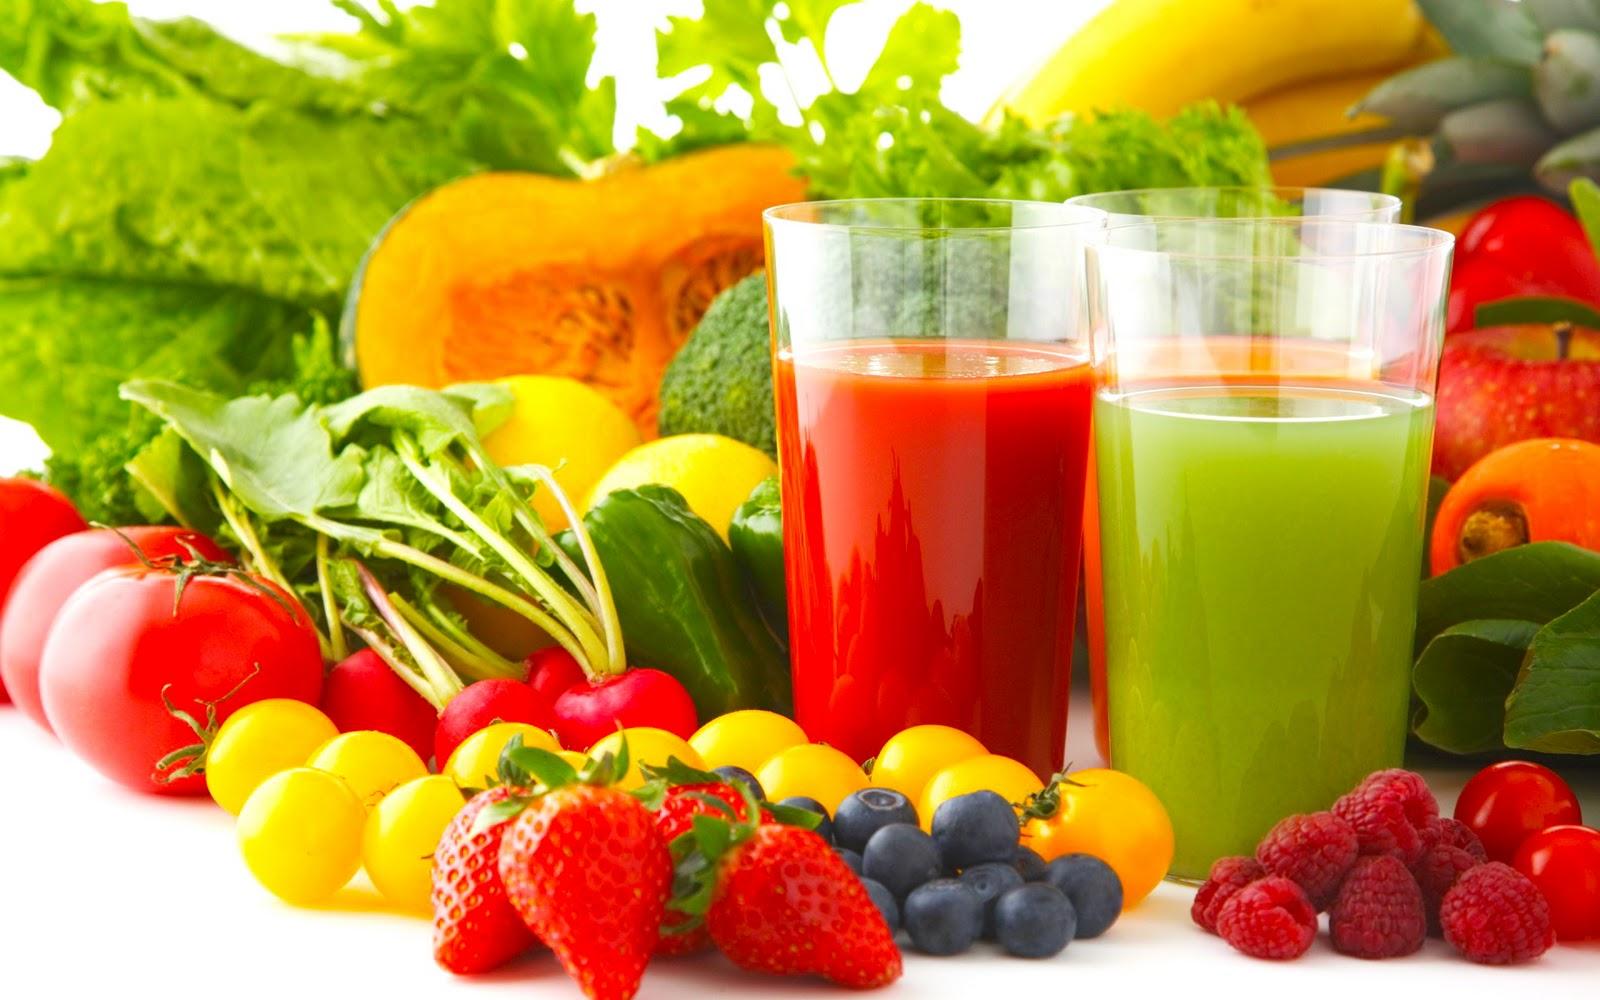 cuando-quieras-beber-el-jugo-de-las-frutas-y-verduras-elige-solamente-el-jugo-fresco